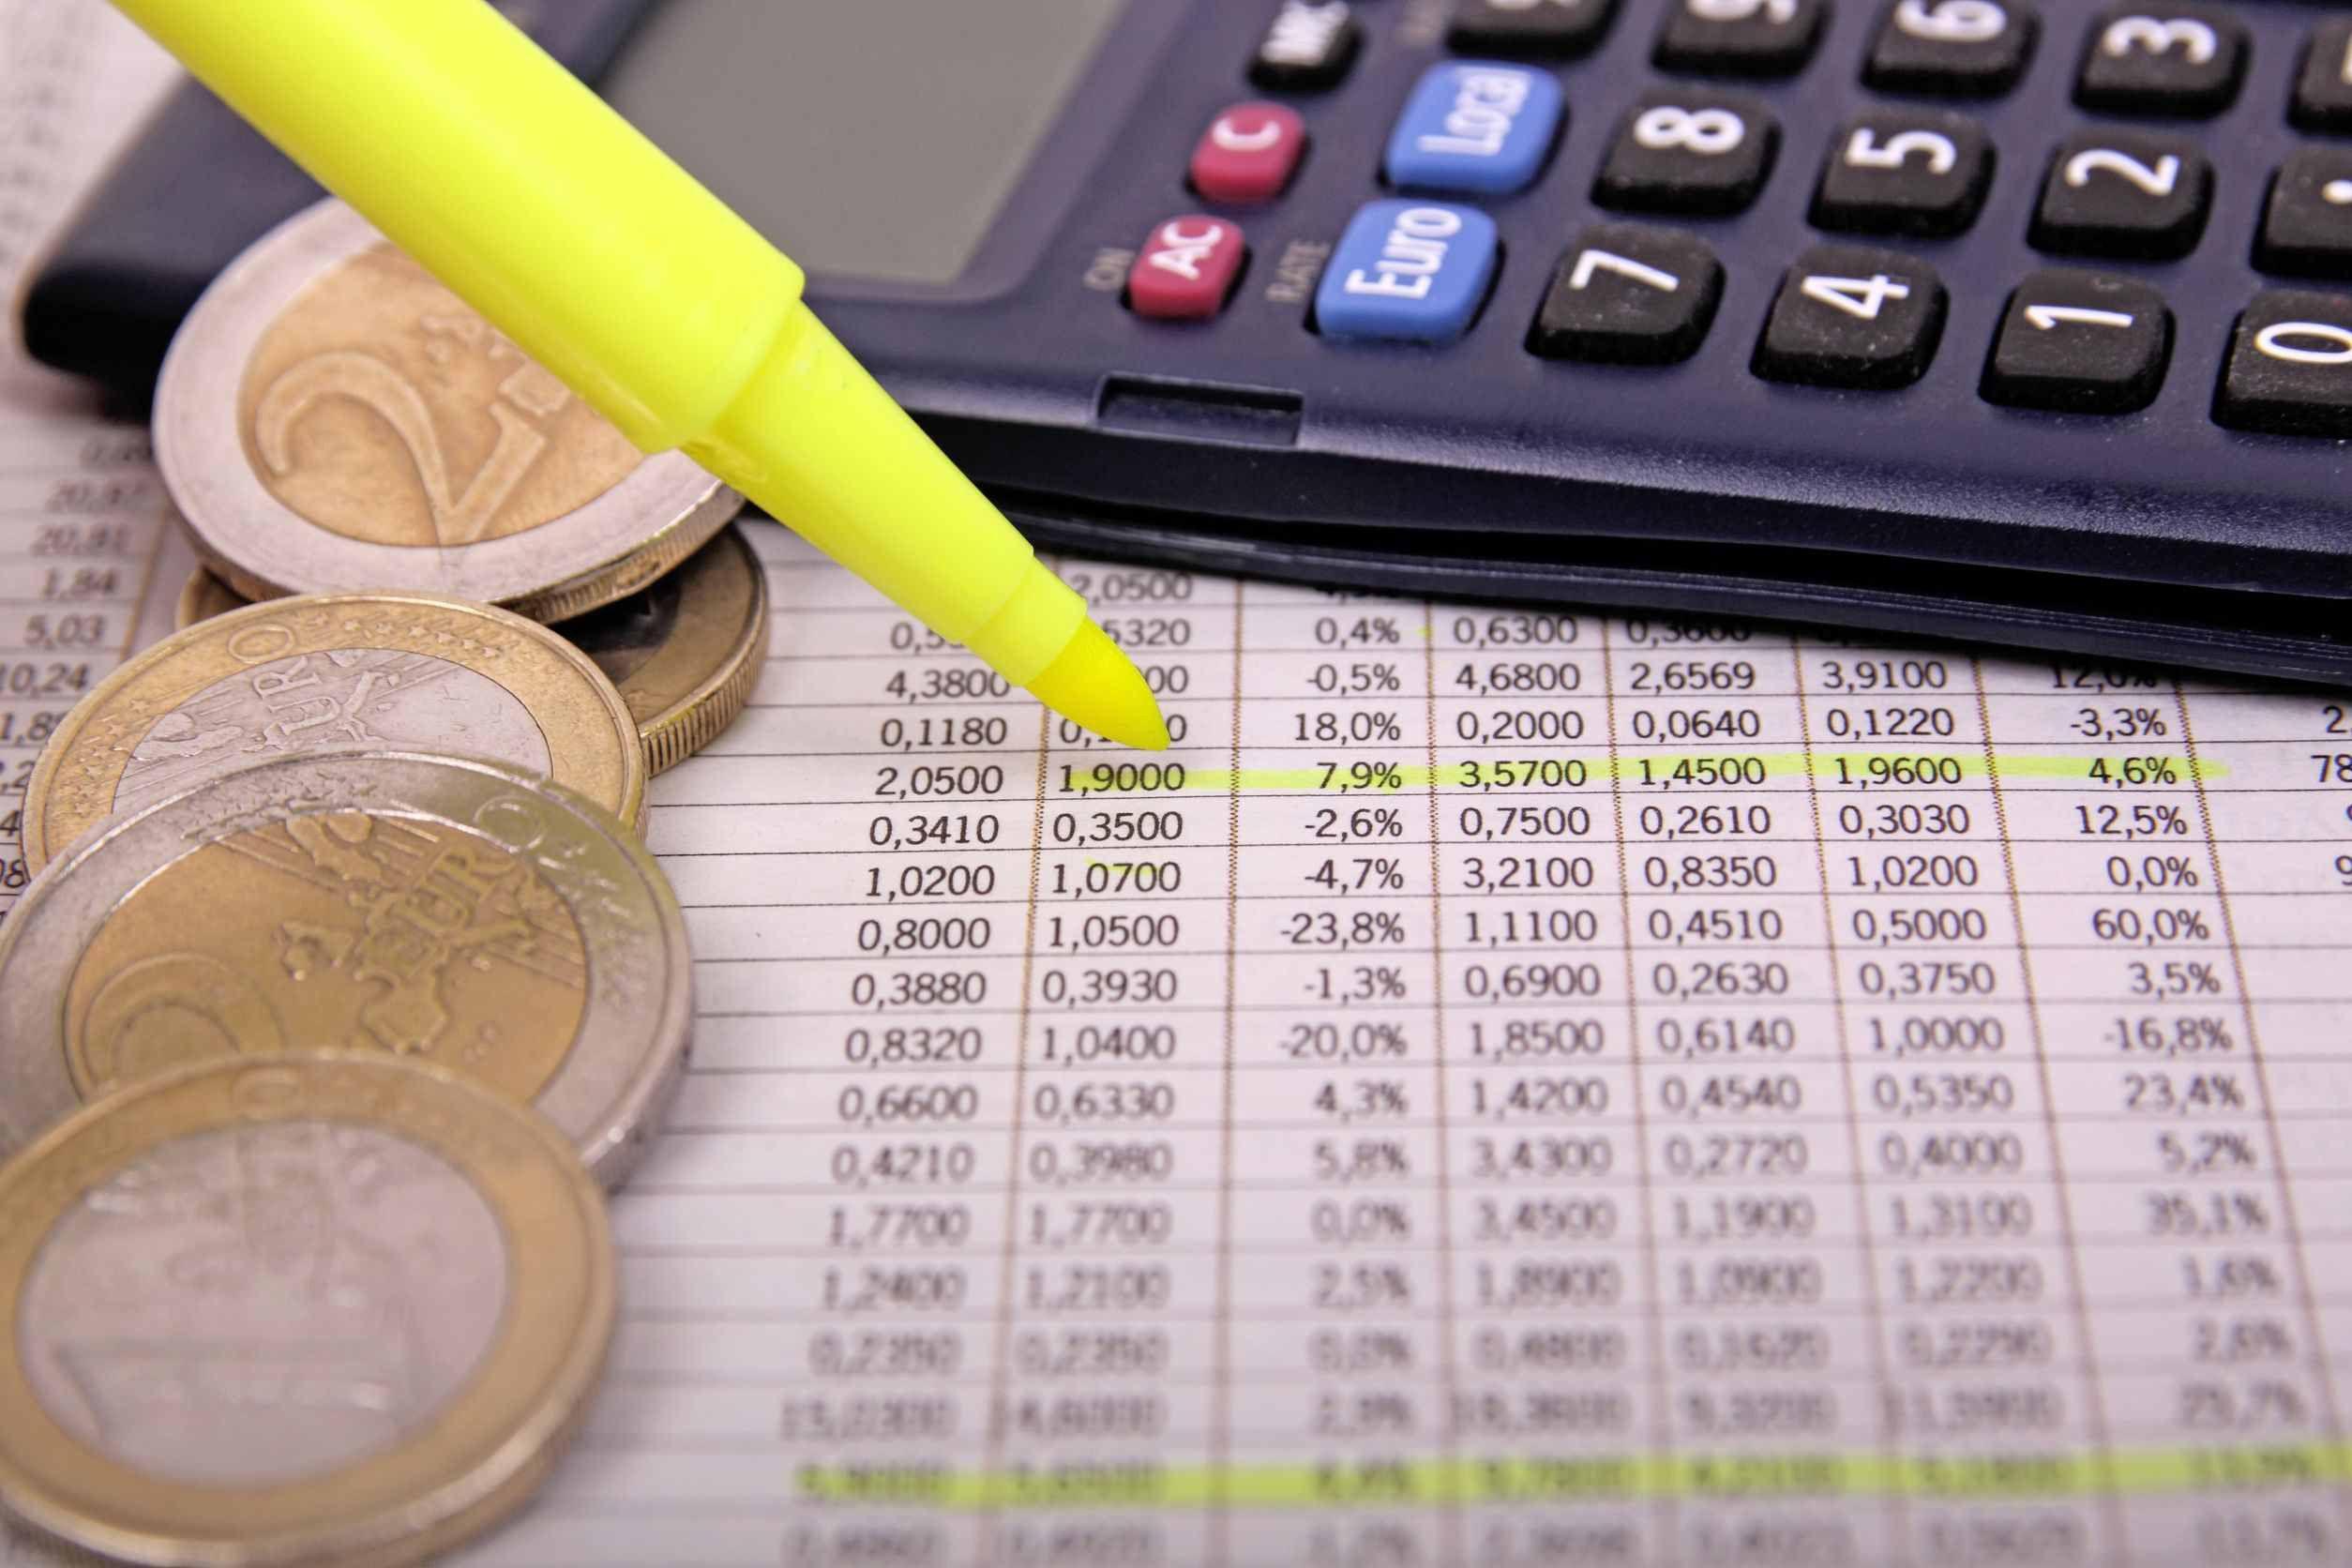 Meddig érheti meg kiszállni egy nyugdíjbiztosításból?